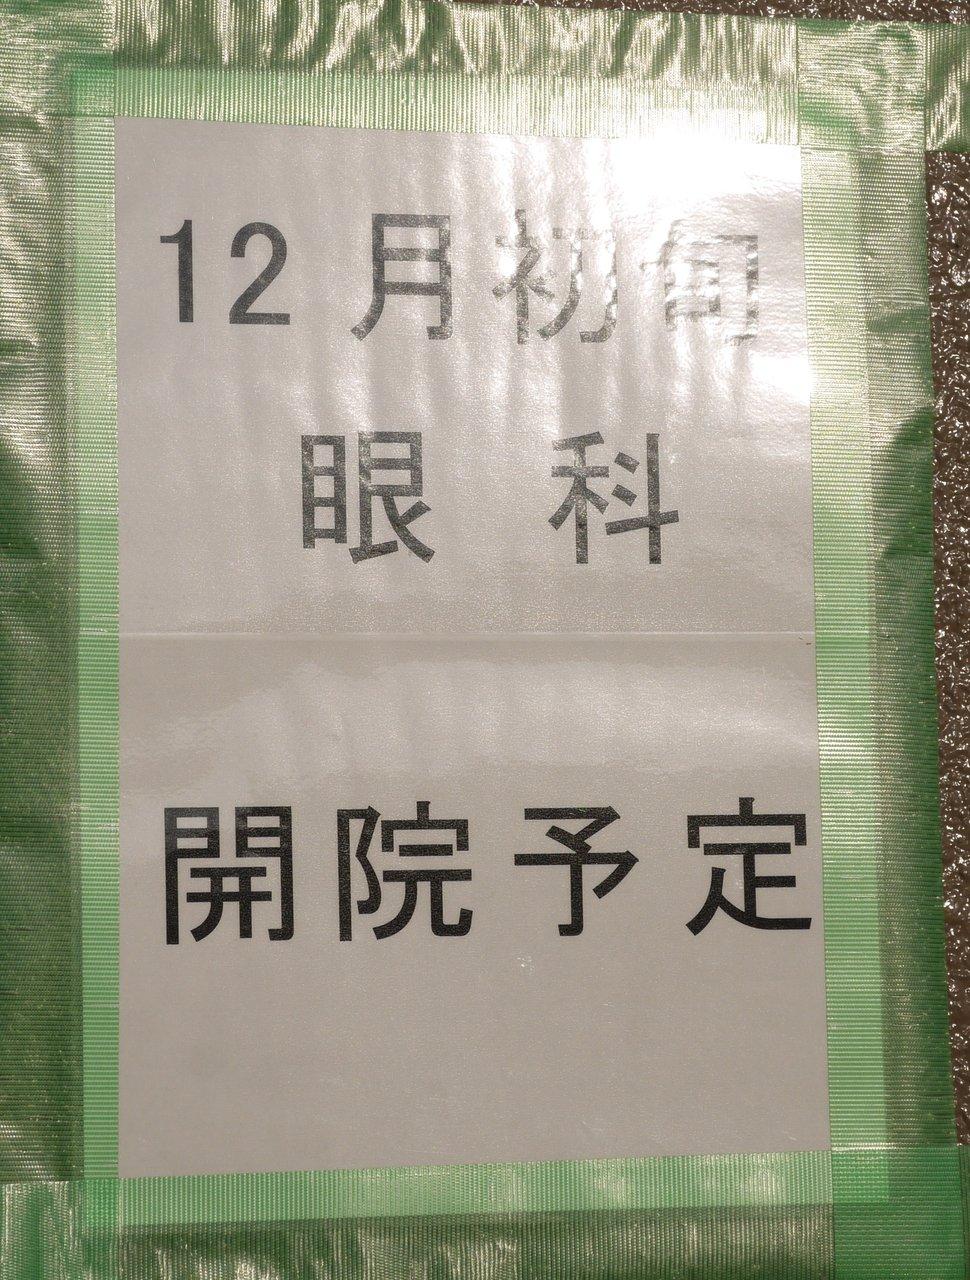 マチコロ寝屋川:上神田の平尾共同外科があったところにできる ...